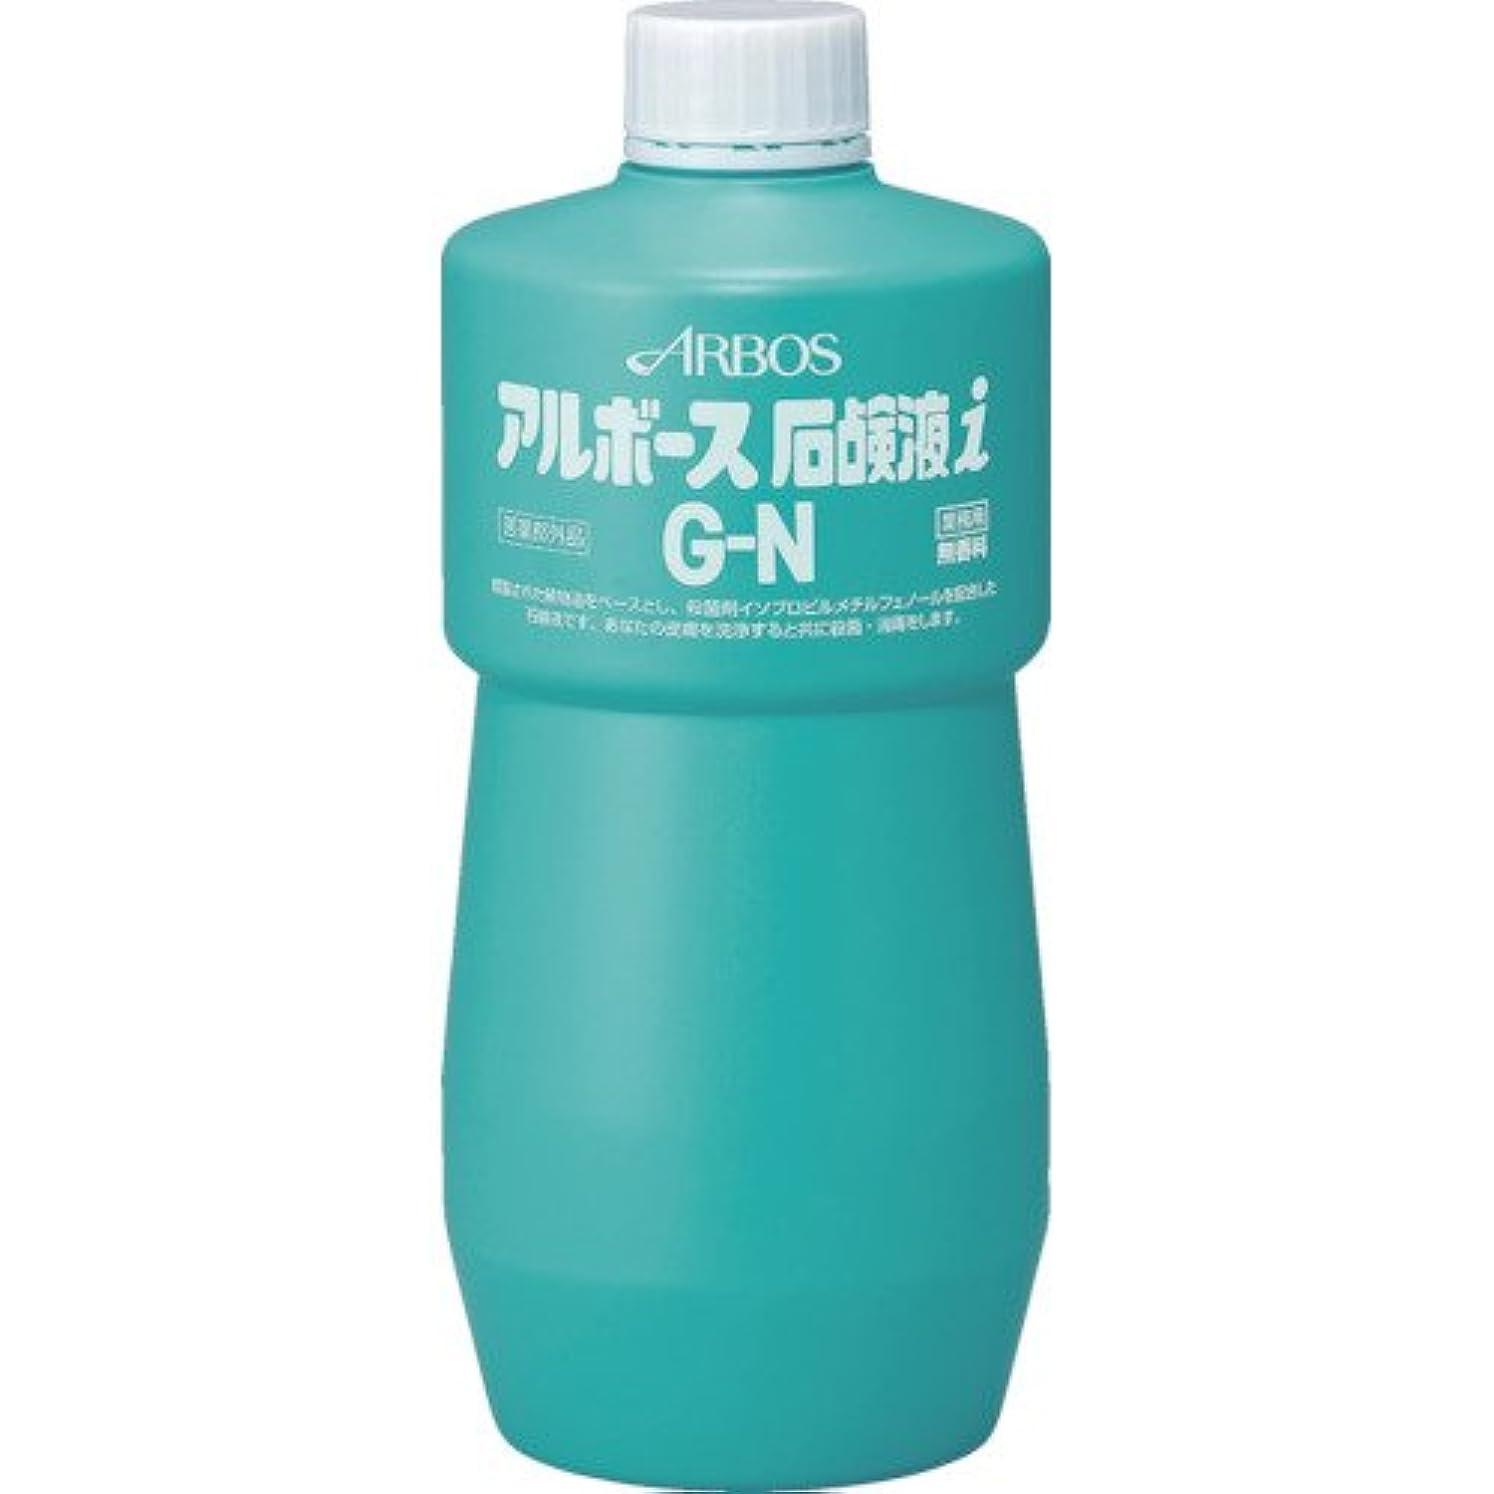 野球汚染された想像力豊かなアルボース石鹸液iGN 1G [医薬部外品]